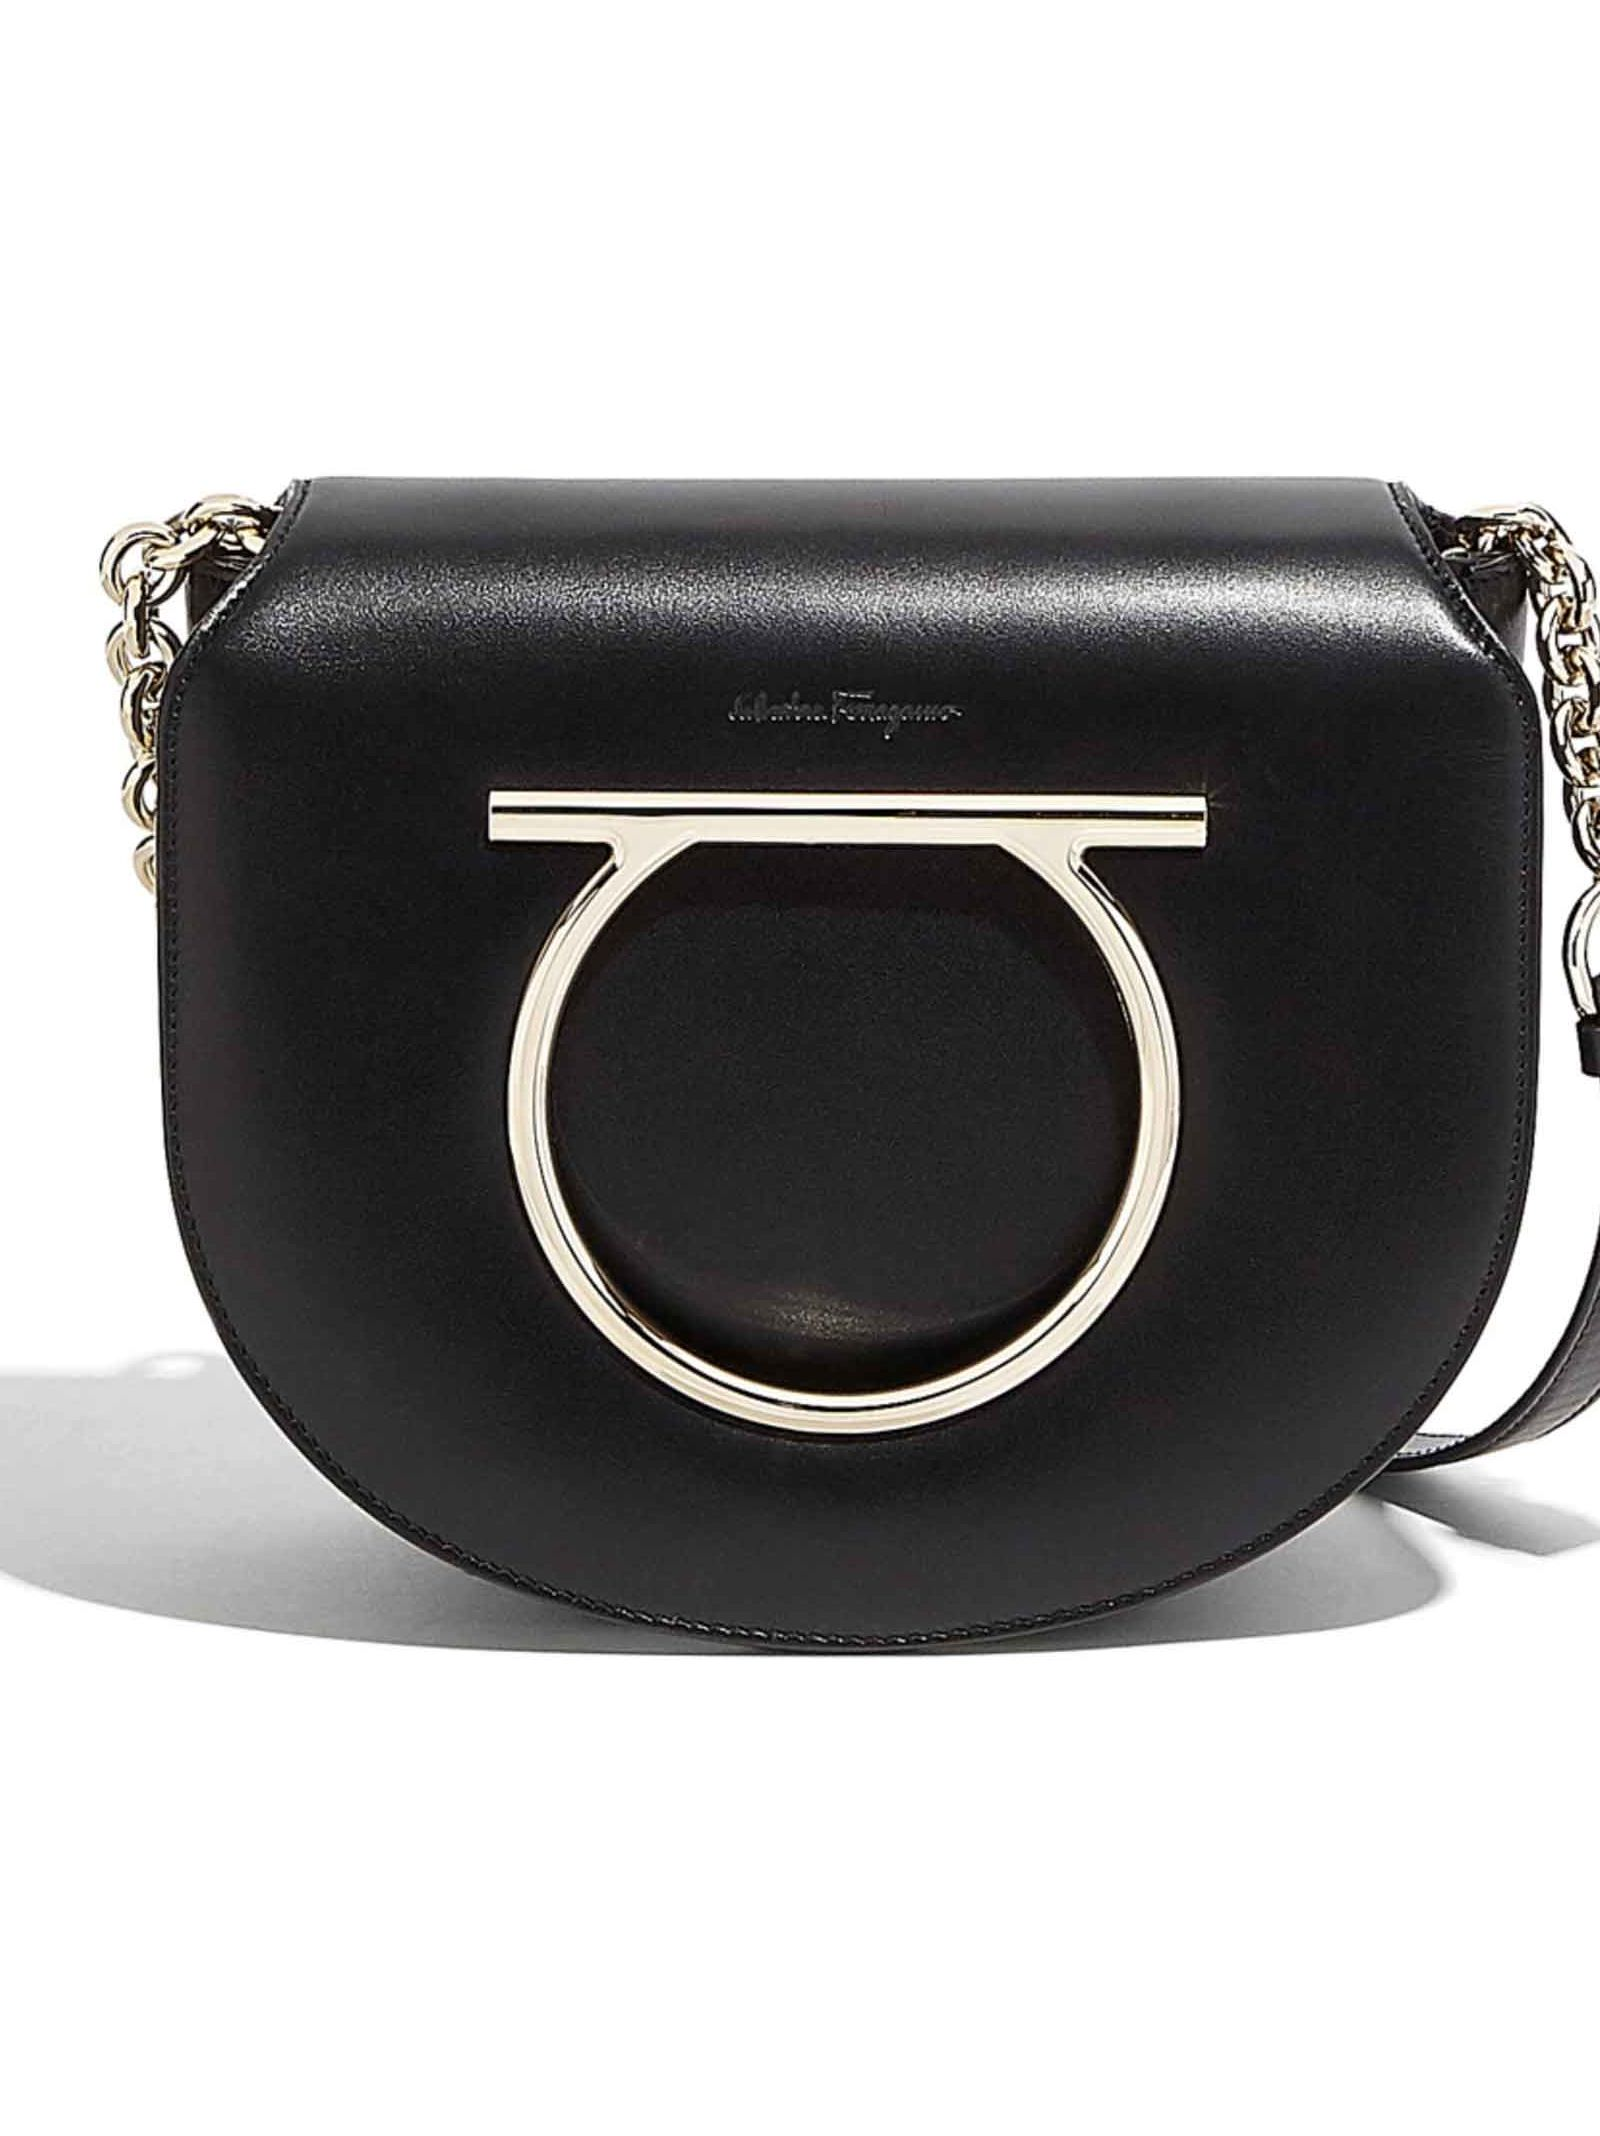 Salvatore Ferragamo Gancini Ornament Shoulder Bag